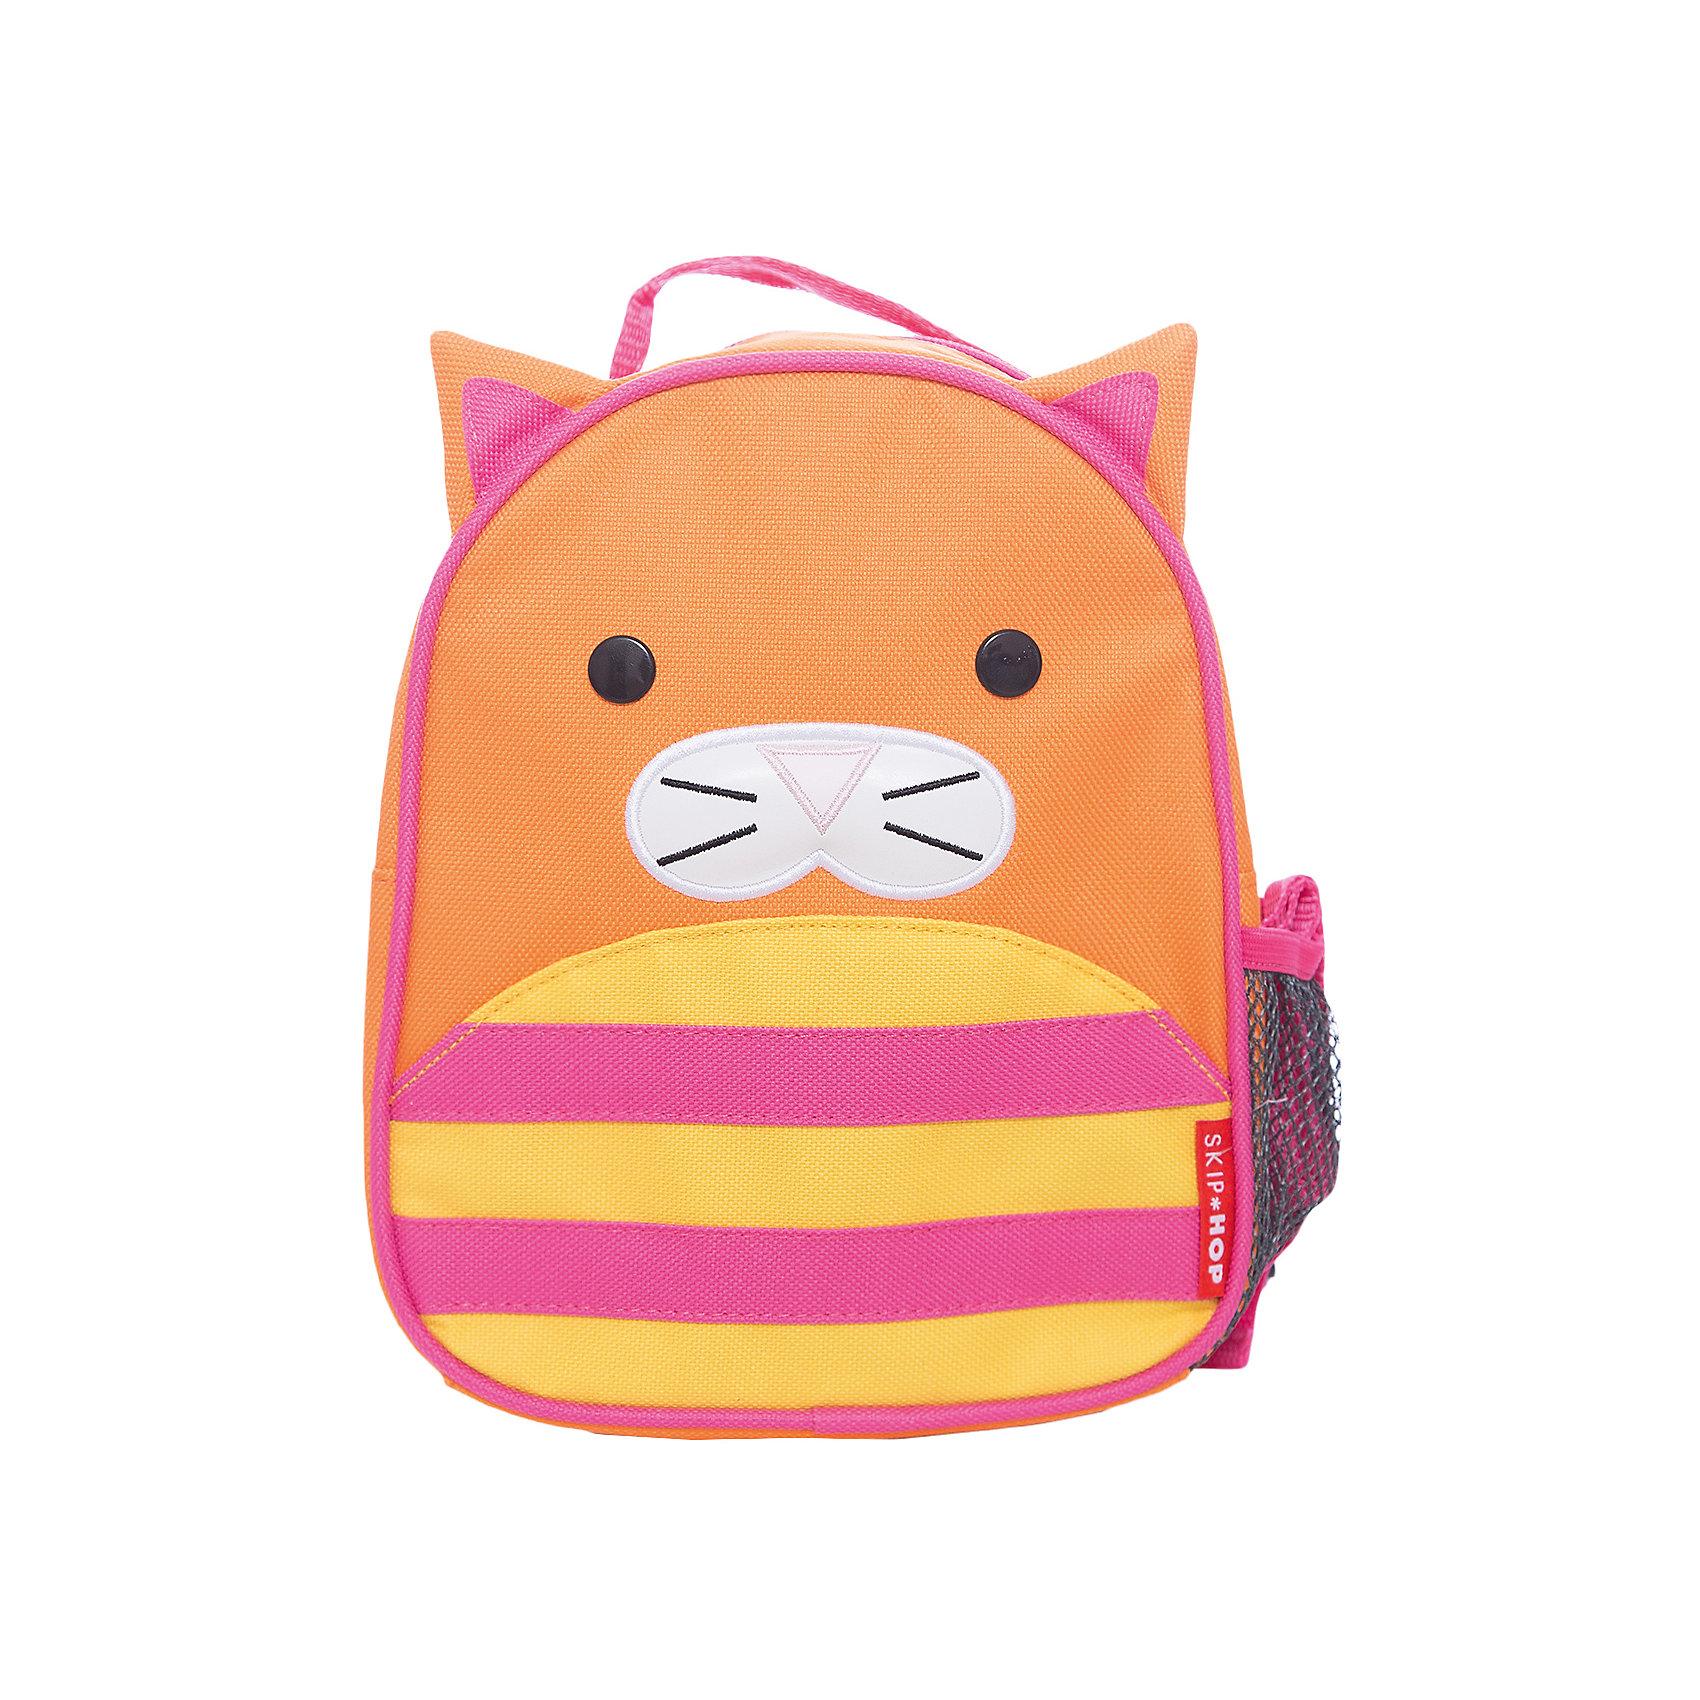 Рюкзак детский с поводком Кошка, Skip HopДетские рюкзаки<br>Возраст: от 11 месяцев<br>Размер: 23 см x 19 см x 8.5 см<br>Легко одевается на ребенка<br>Ремешок безопасности регулируется до необходимой длины<br>Позволяет малышу свободно исследовать мир, находясь под контролем родителей<br>Можно стирать в машинке<br>Бирочка для имени<br><br>Ширина мм: 230<br>Глубина мм: 60<br>Высота мм: 370<br>Вес г: 300<br>Возраст от месяцев: 24<br>Возраст до месяцев: 72<br>Пол: Унисекс<br>Возраст: Детский<br>SKU: 5608256